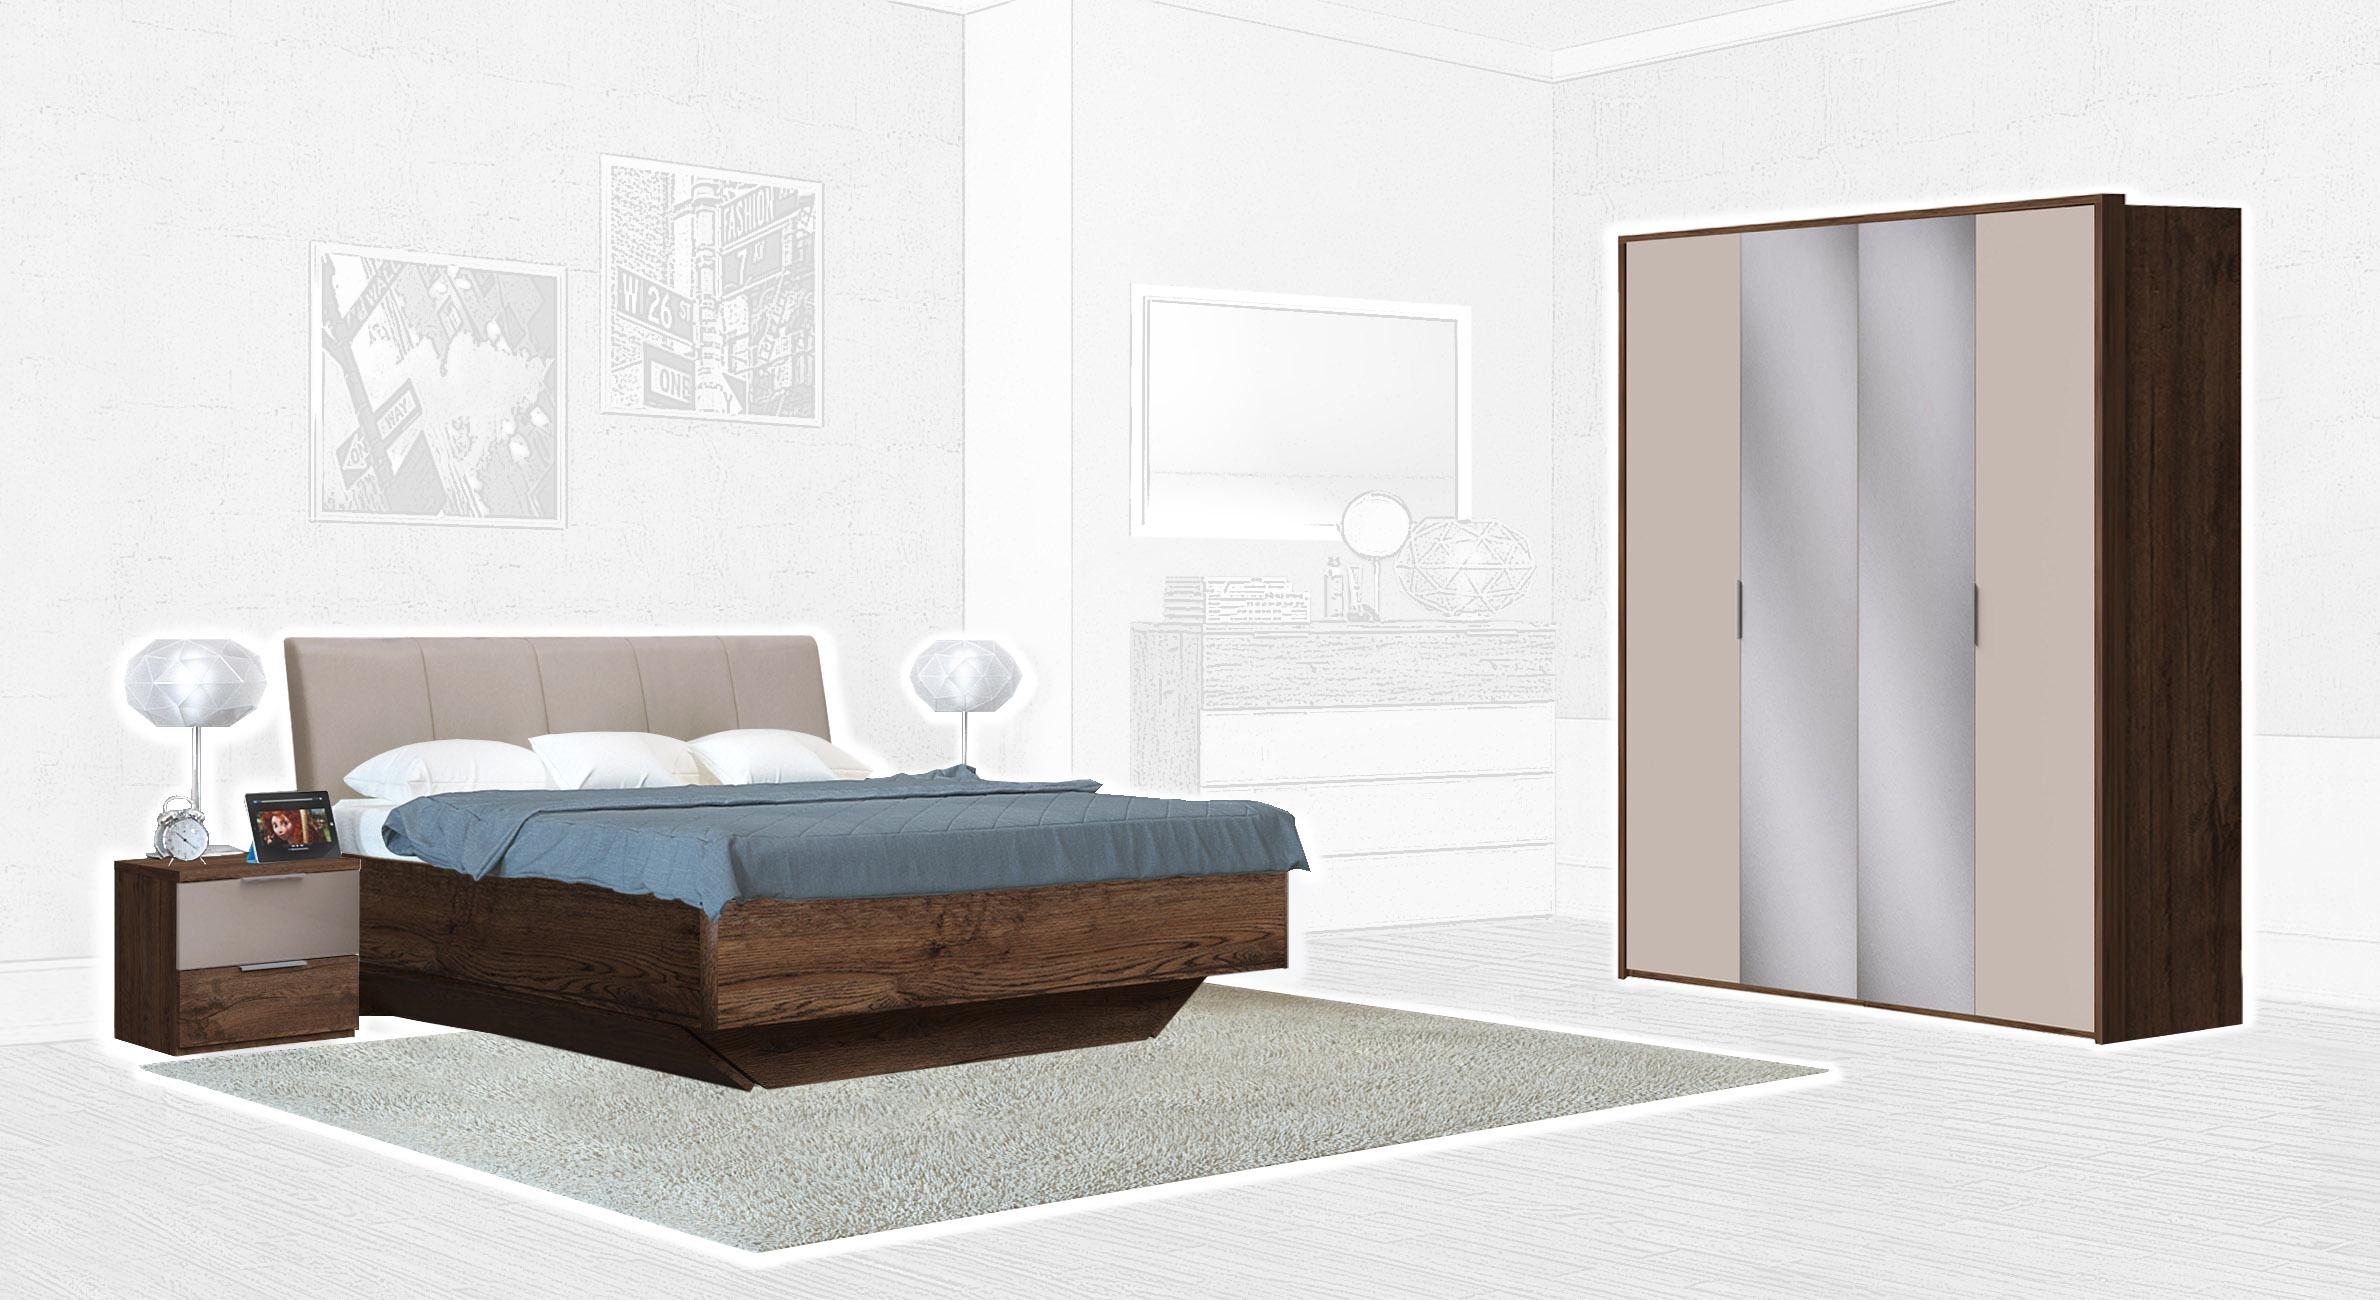 Спальня Интердизайн Тоскано дуб эйприл/капучино (композиция 2)